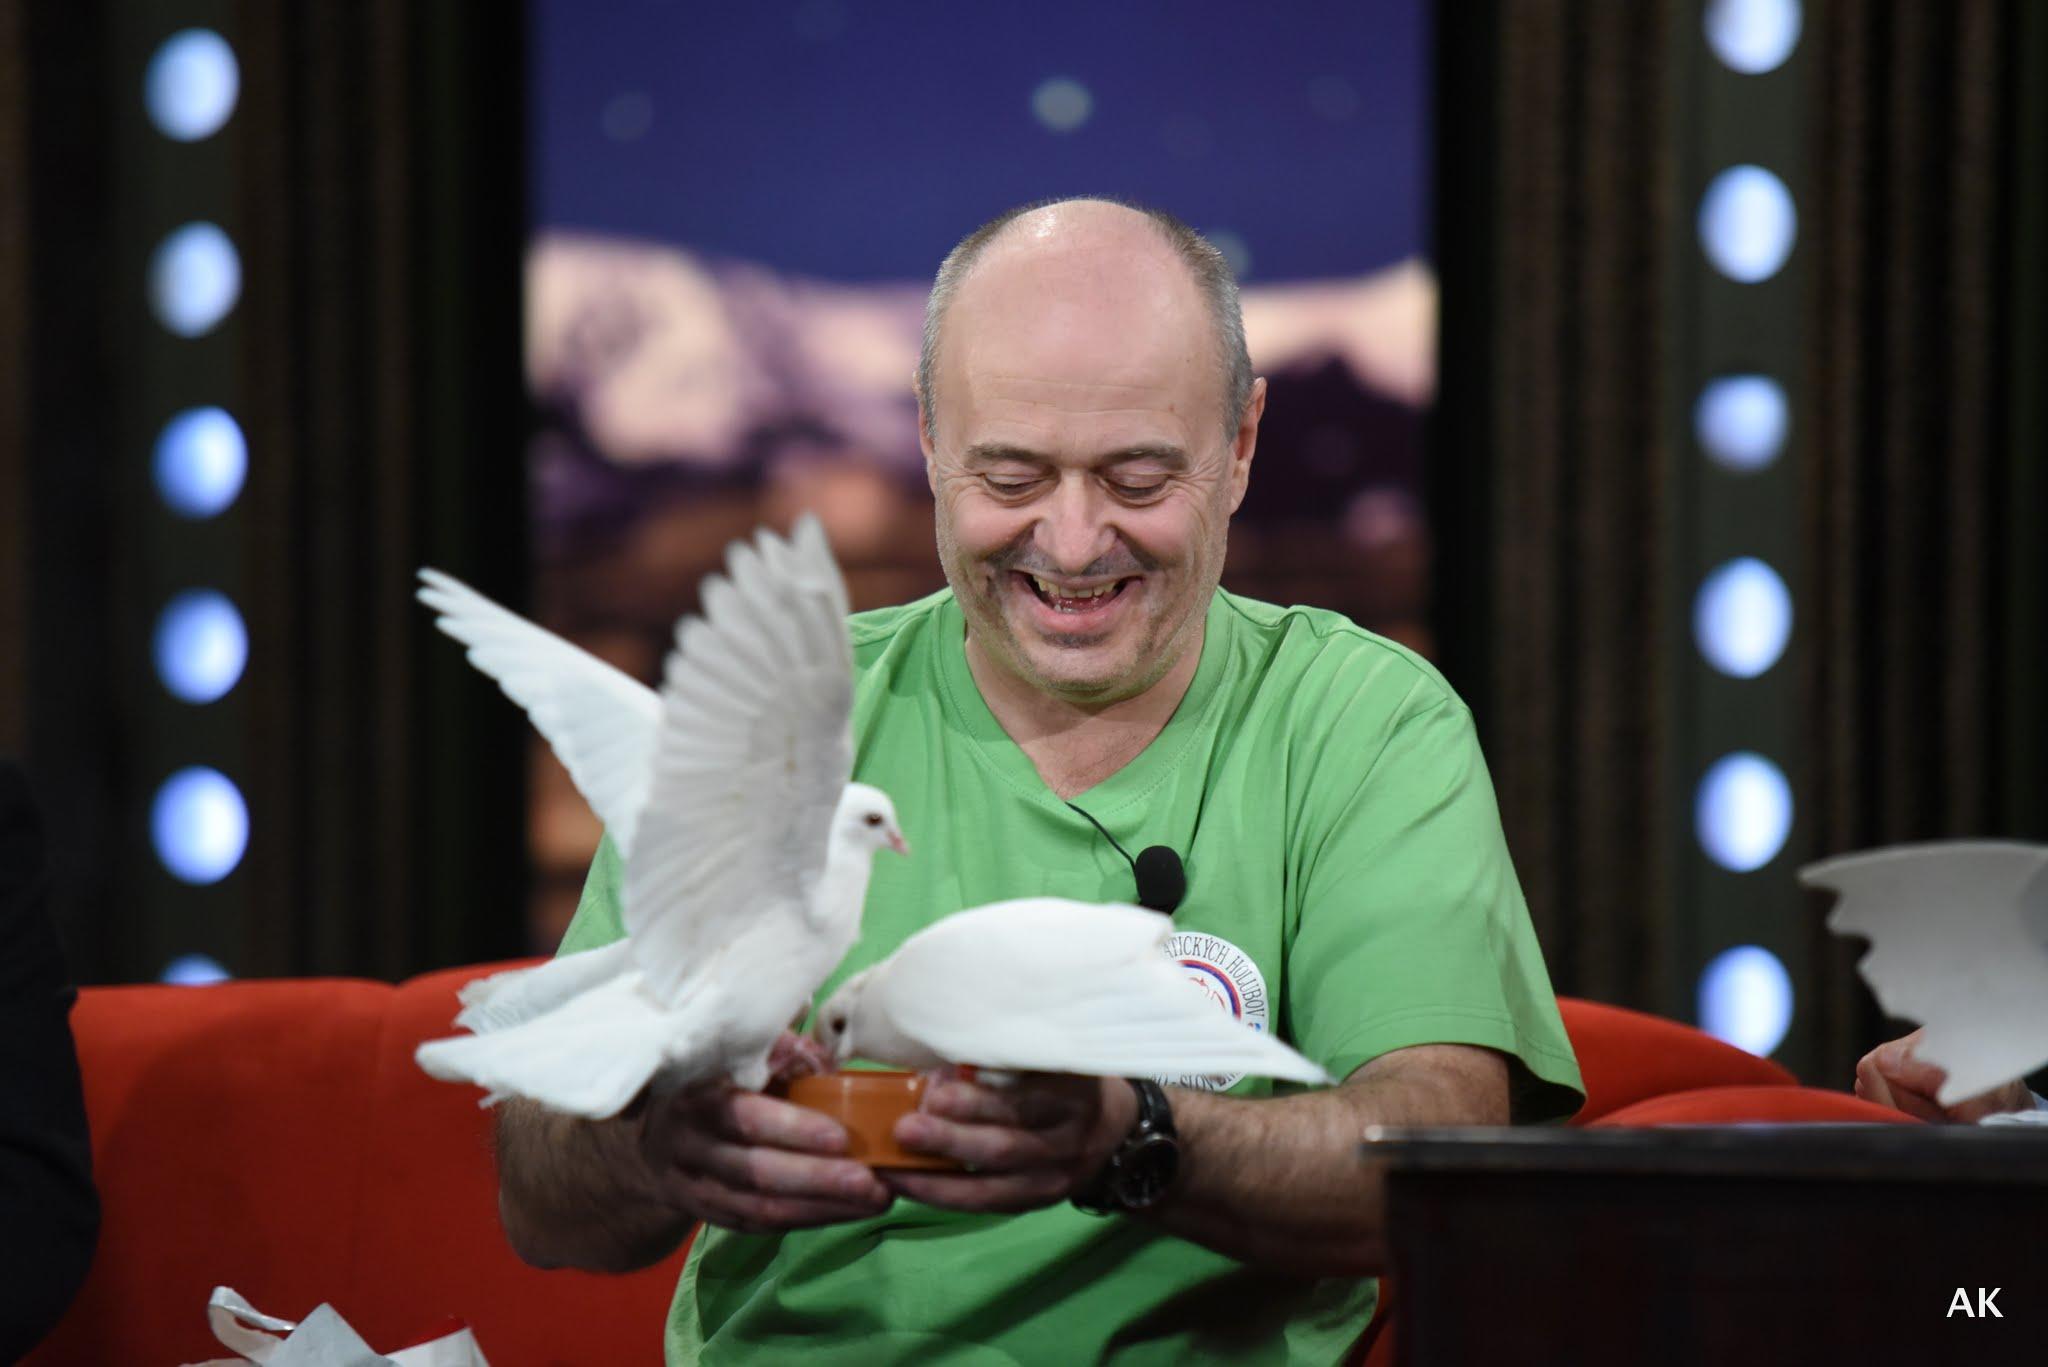 Chovatel holubů Josef Voráček v SJK 13. 4. 2016